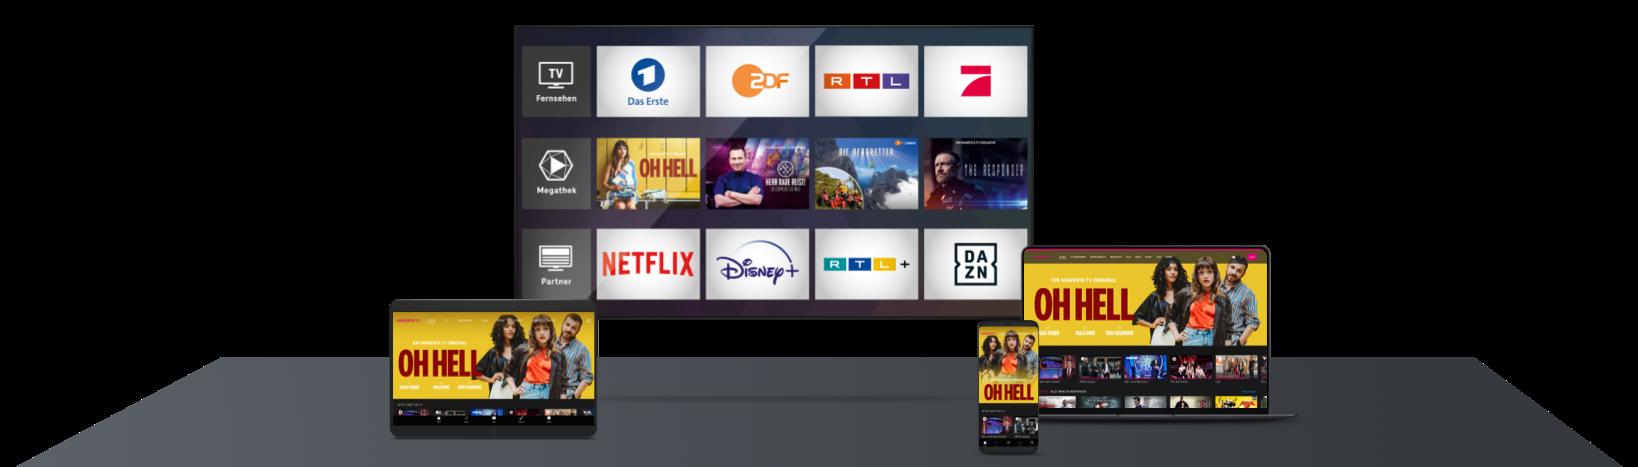 Magenta Tv Und Netflix